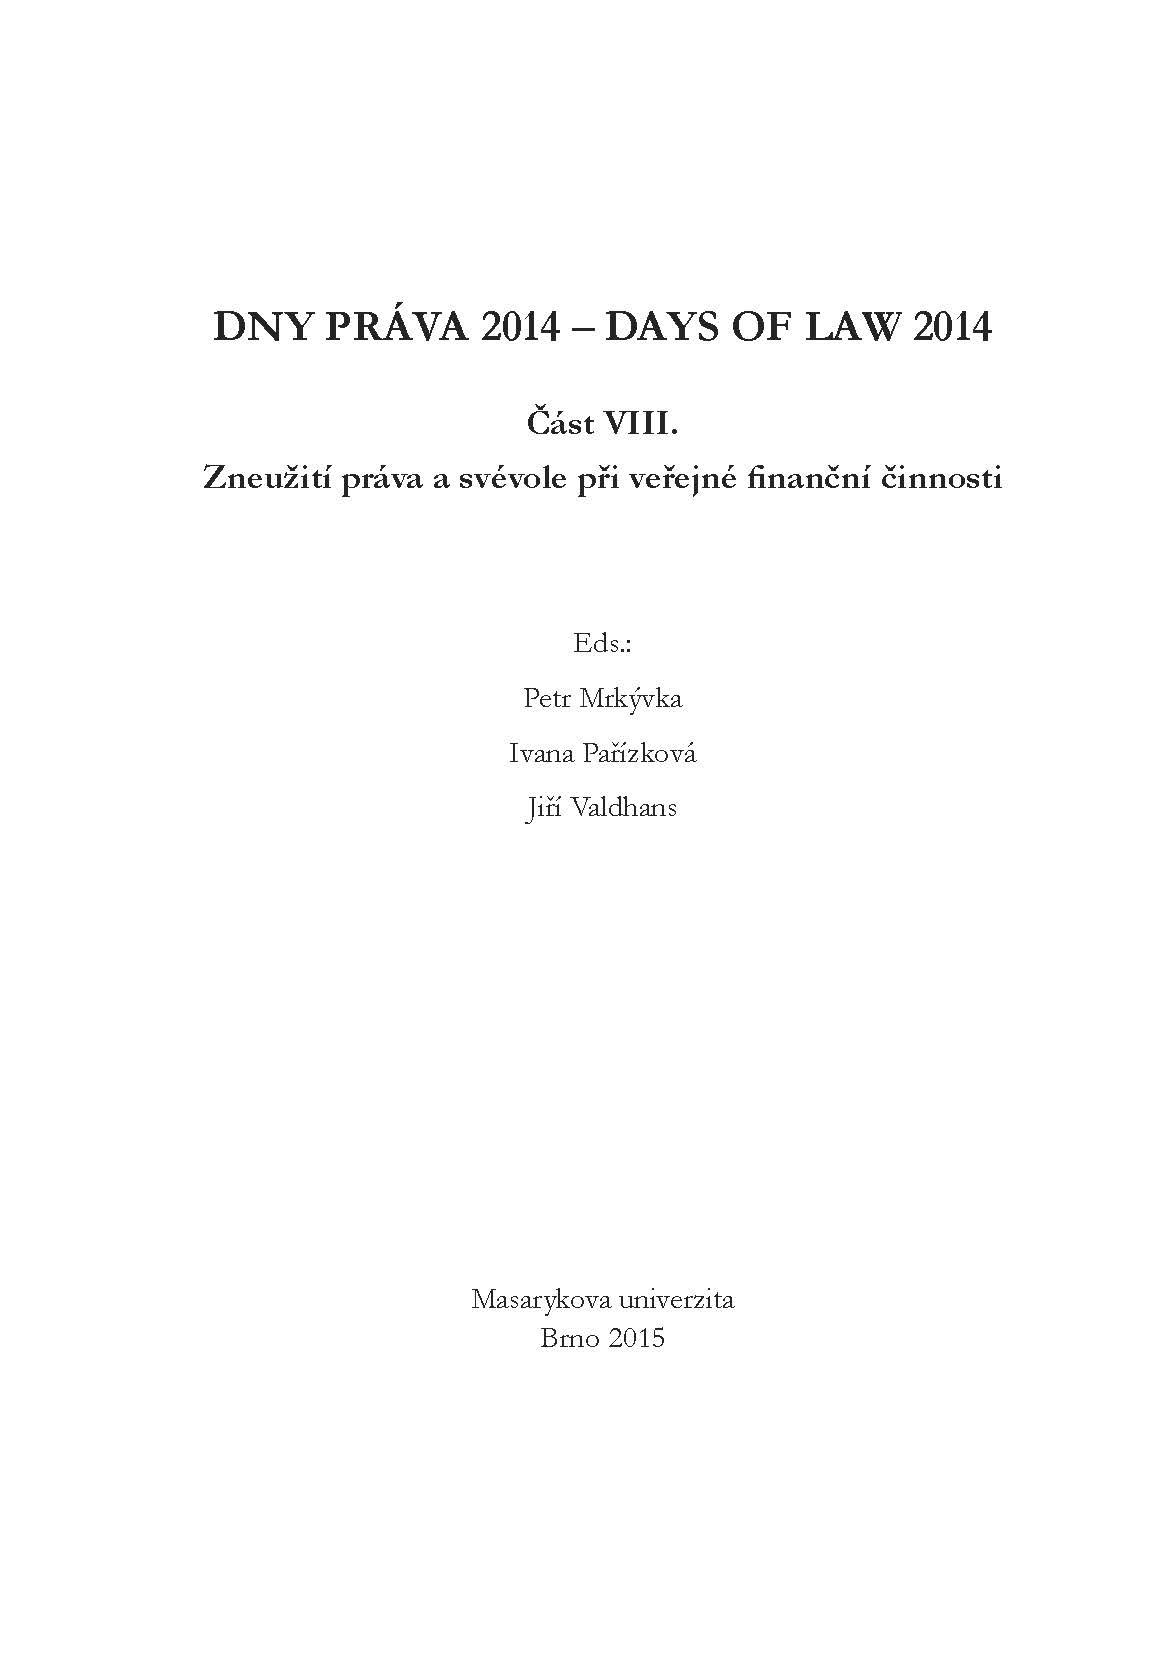 Obálka pro Dny práva 2014. Část VIII. – Zneužití práva a svévole při veřejné finanční činnosti